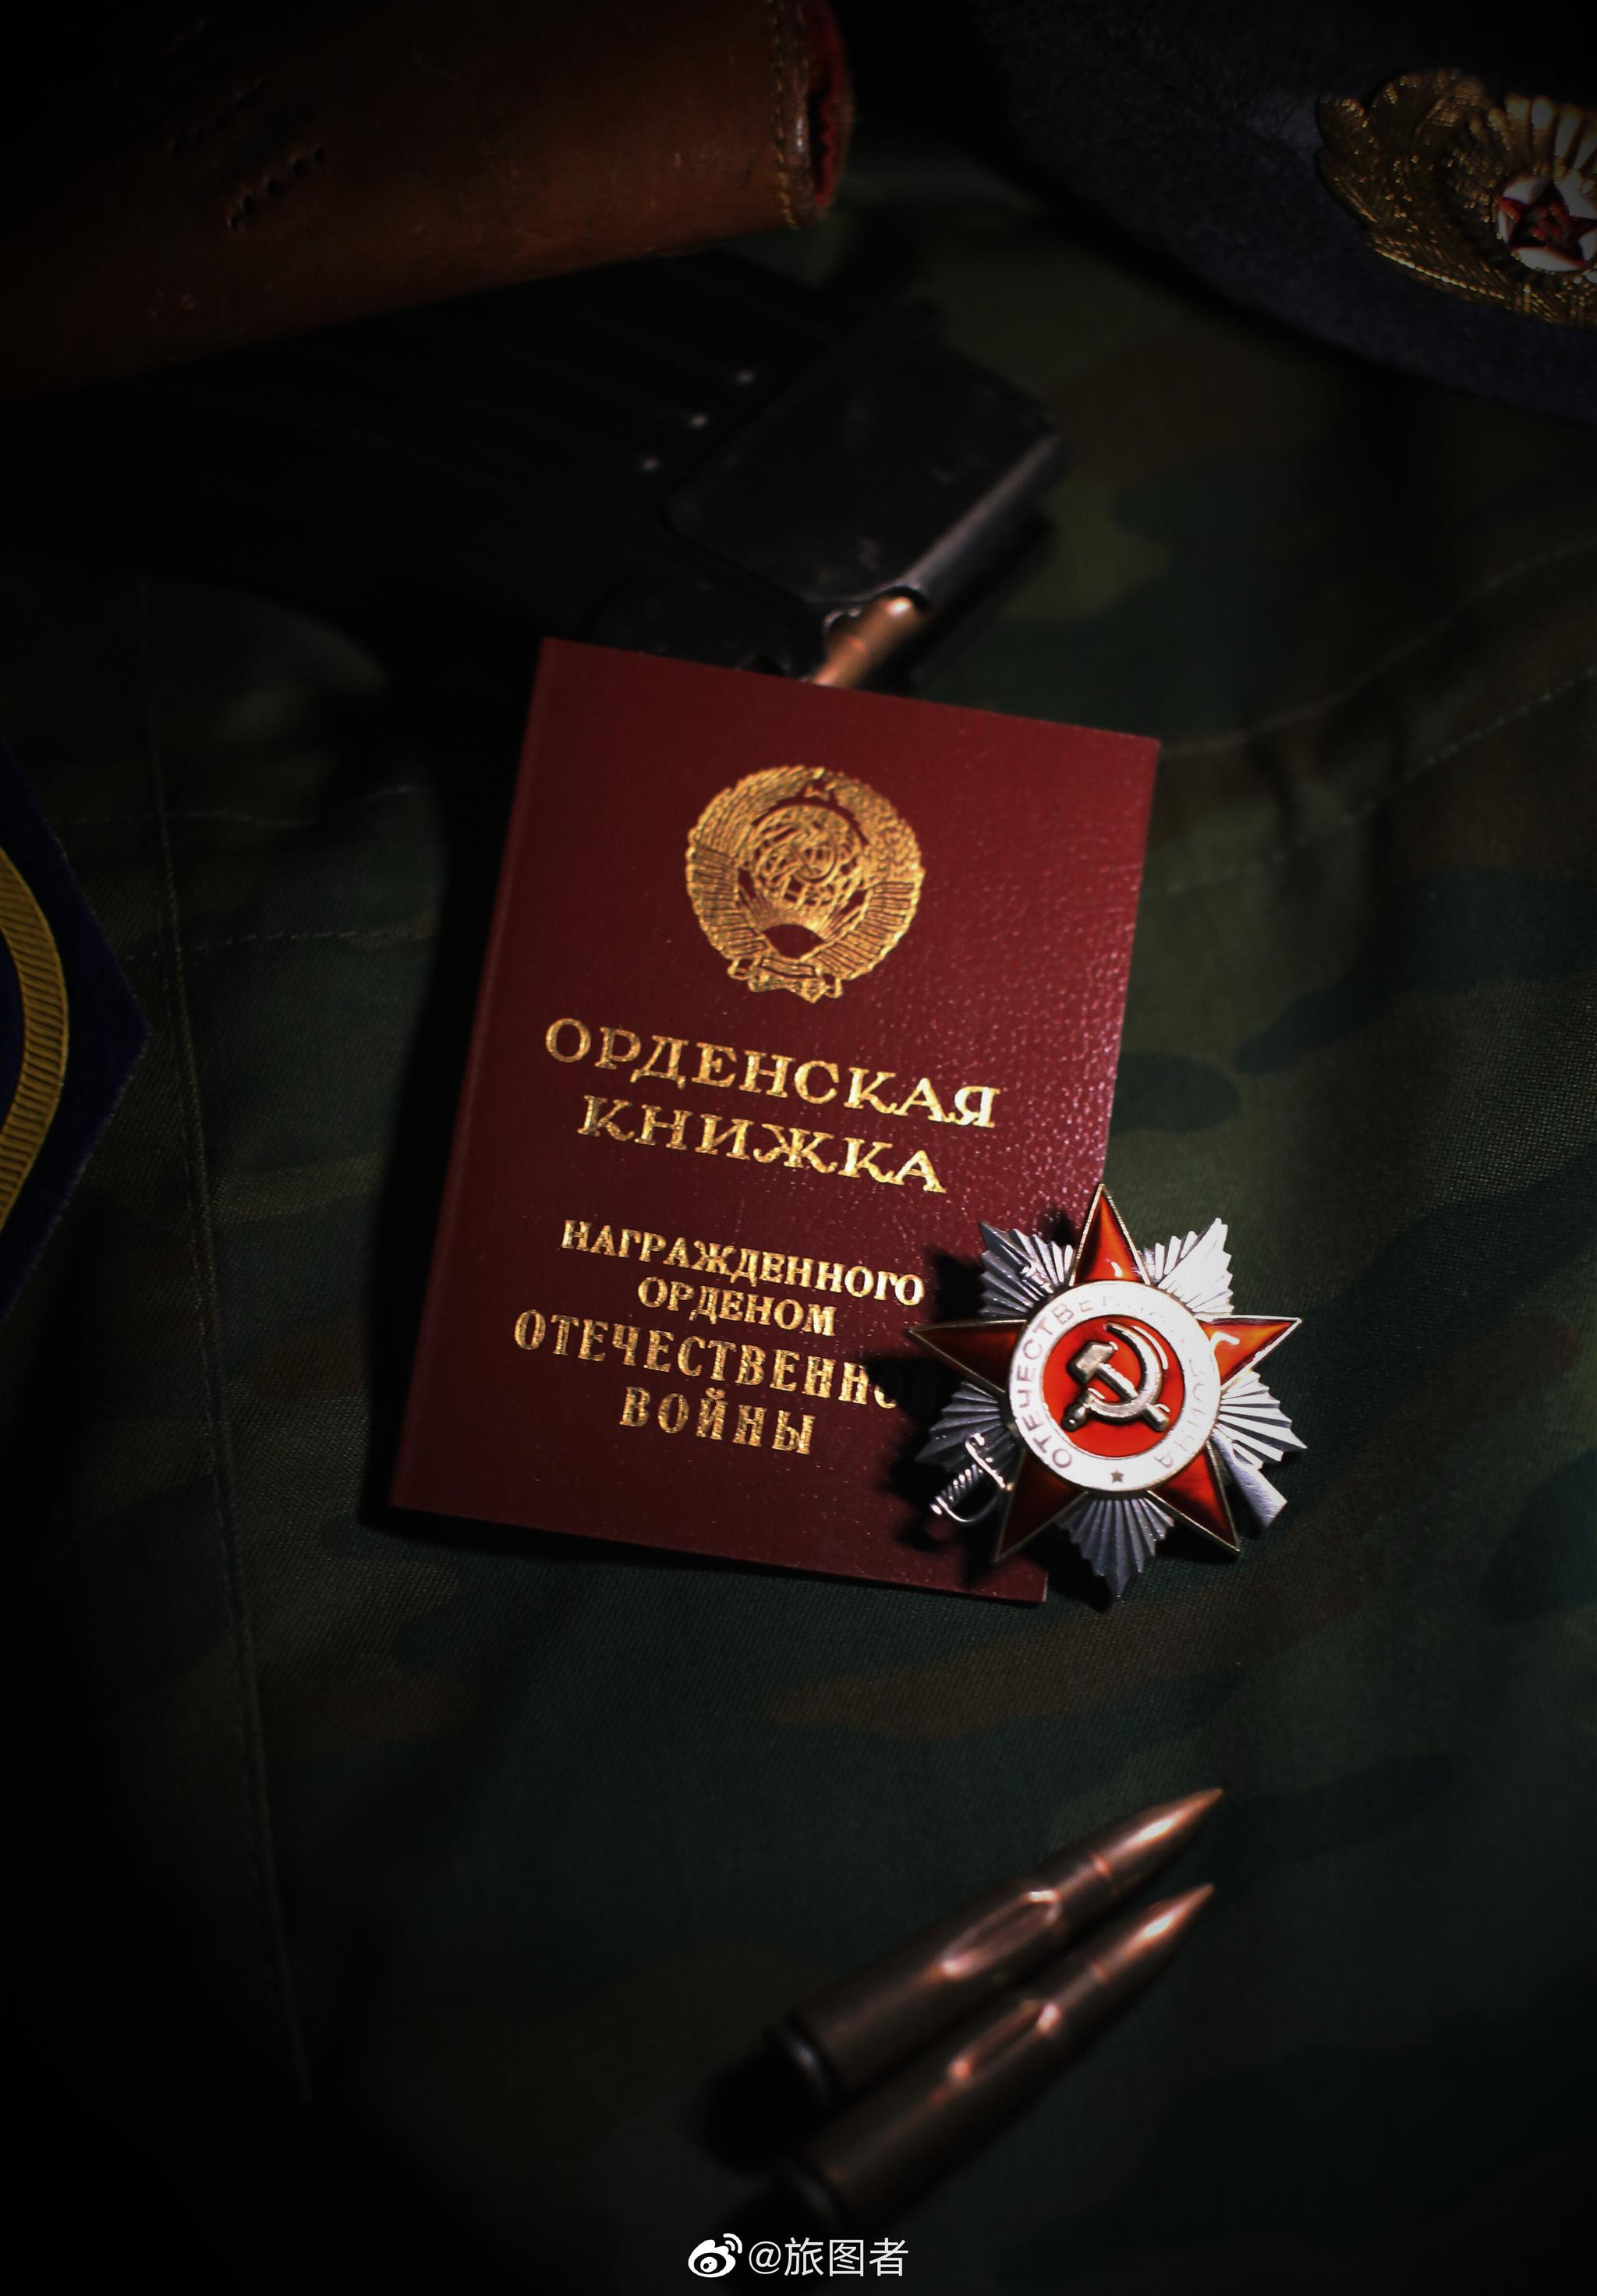 共和国荣誉之苏联卫国战争勋章:于1942年设立